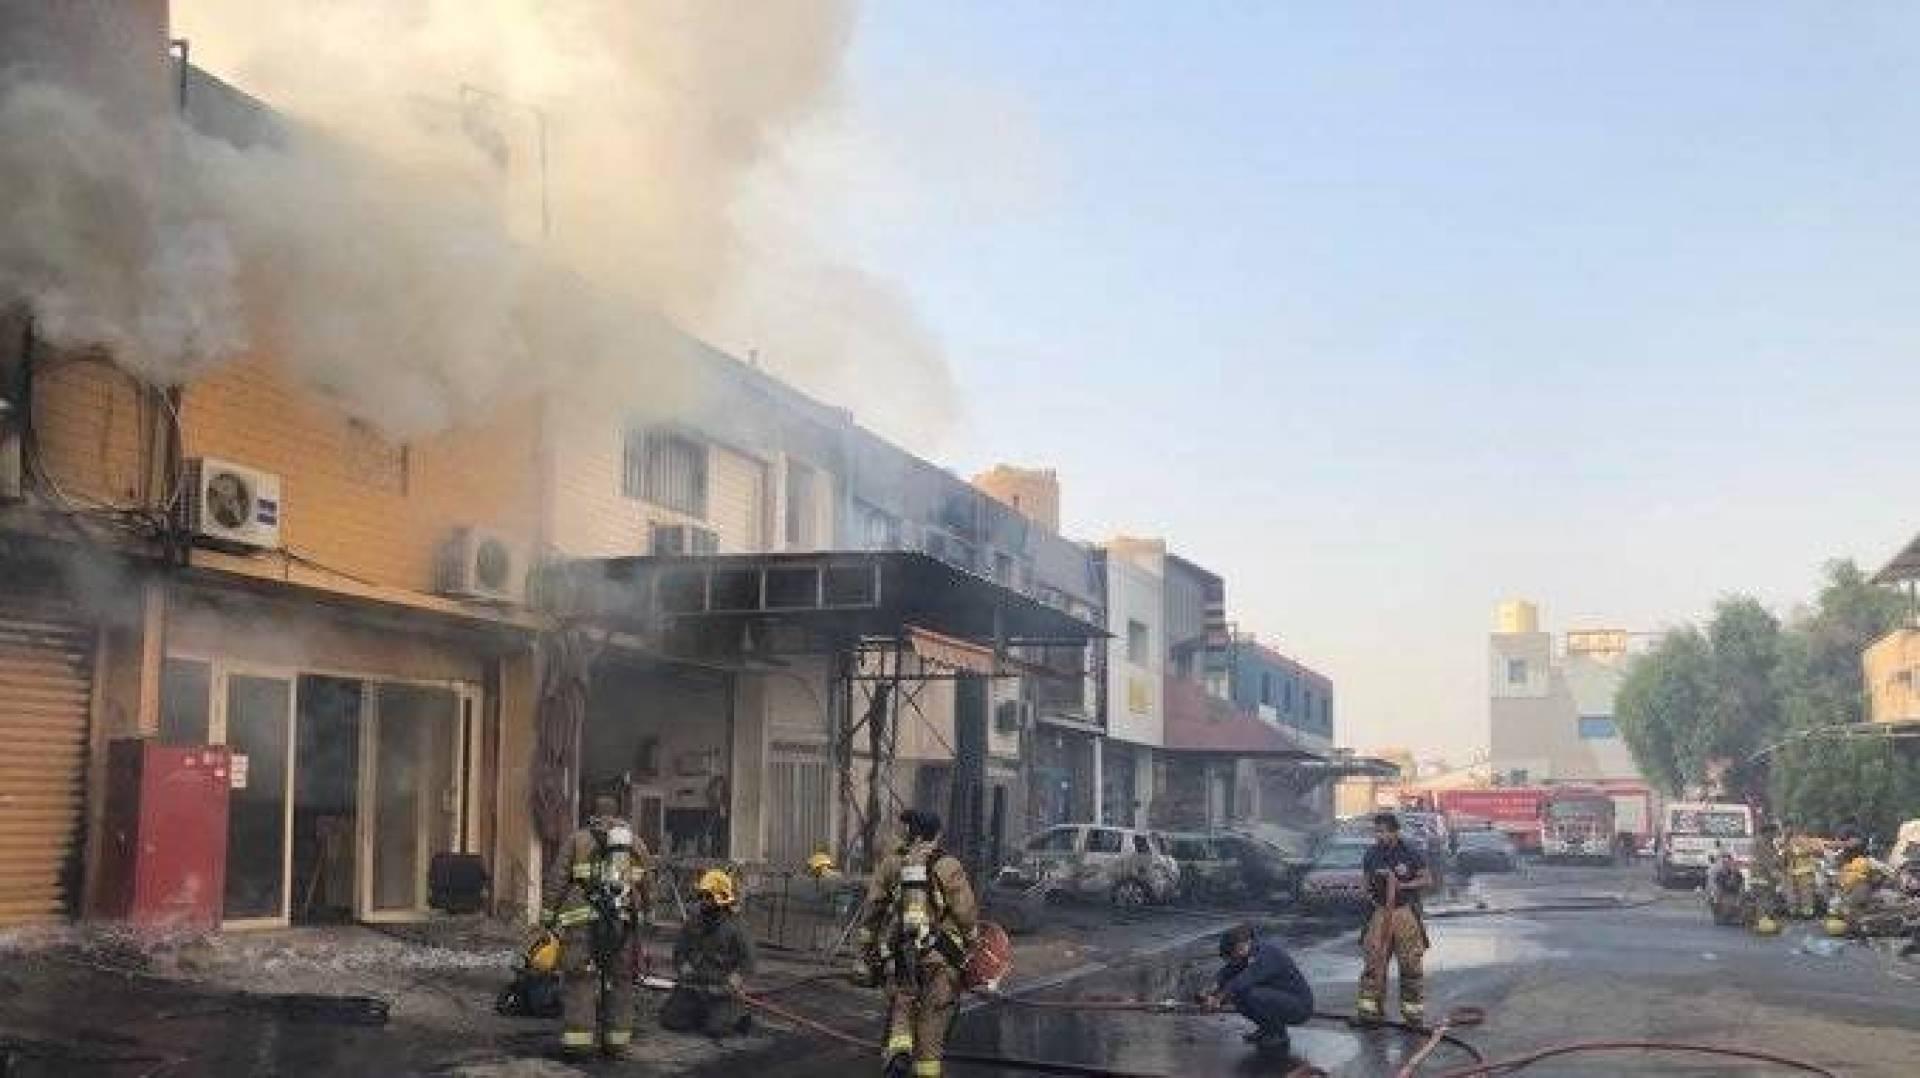 3 قتلى في حريق مصنع زيوت